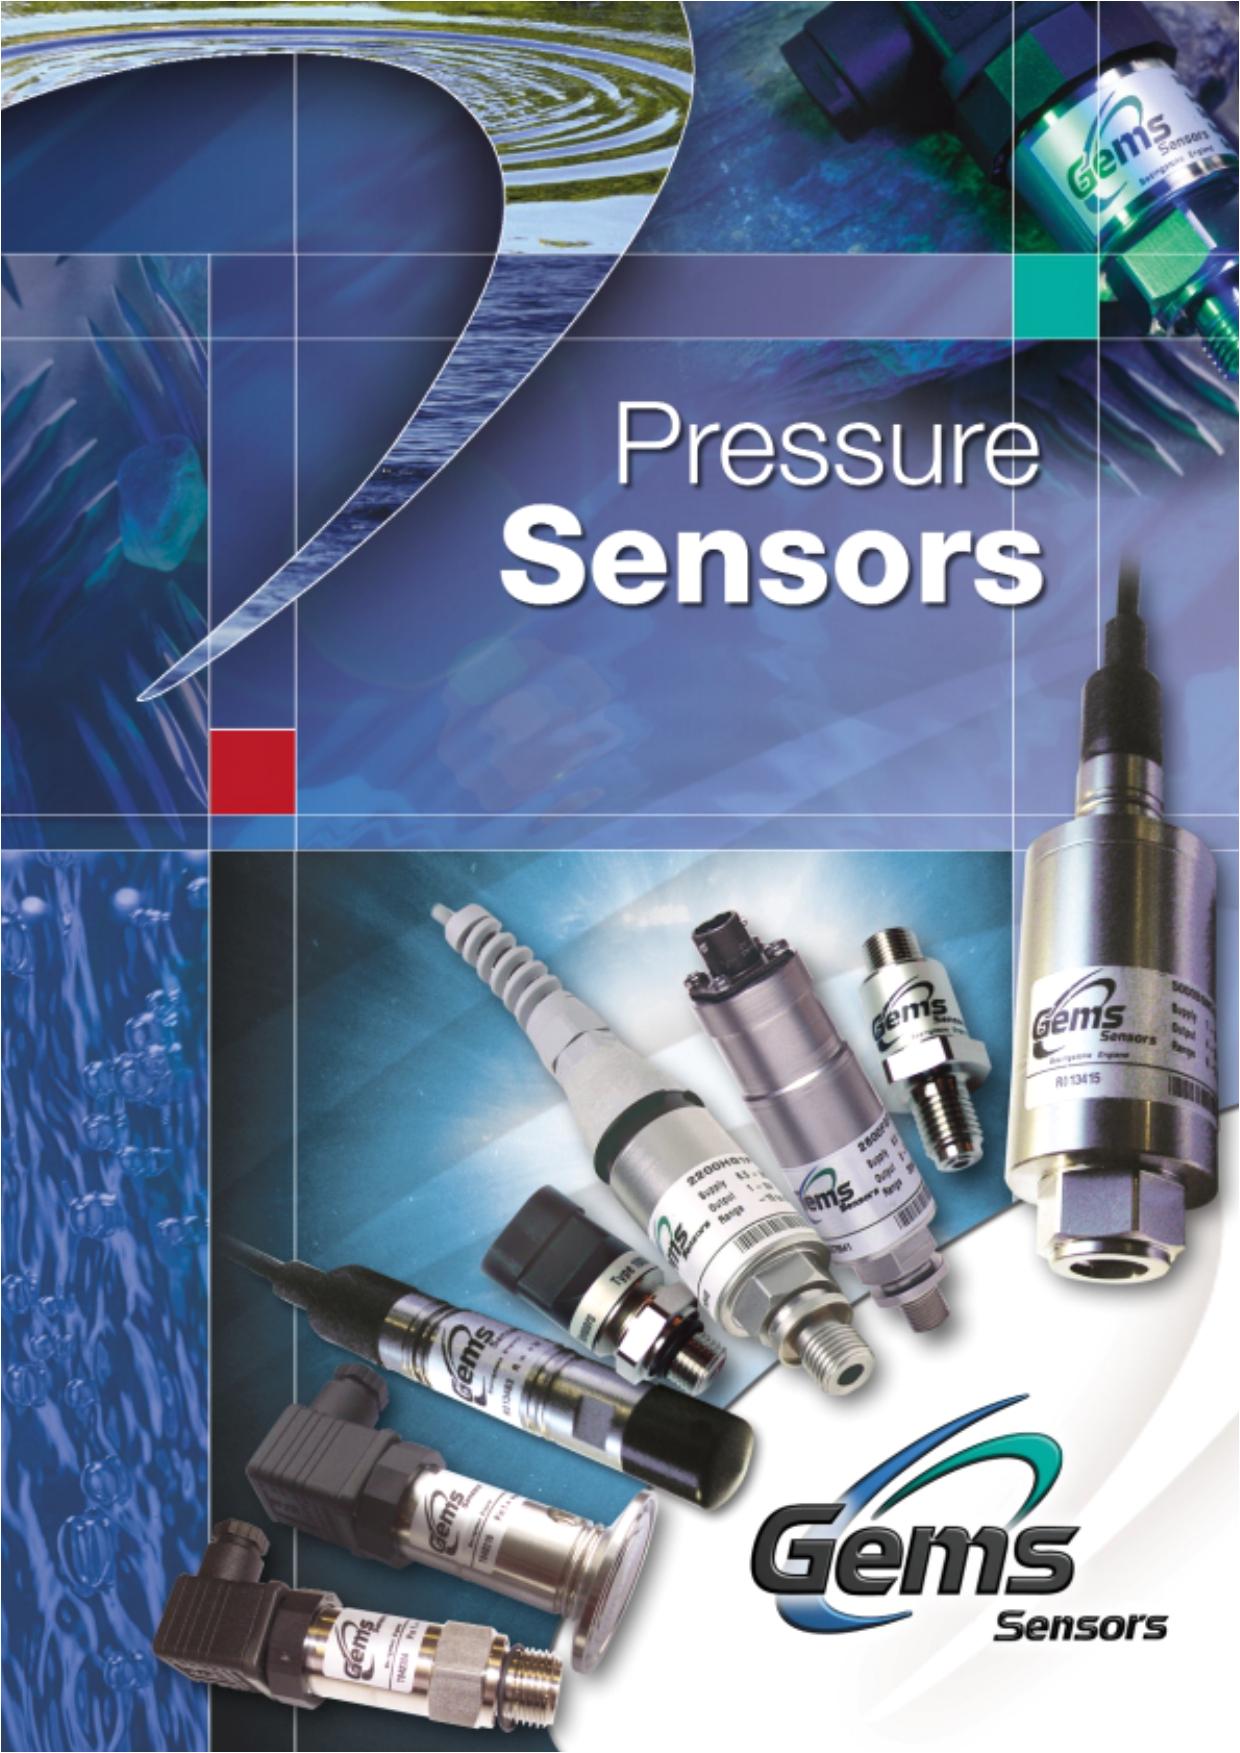 a3581 gems eng pressure 2004 mess